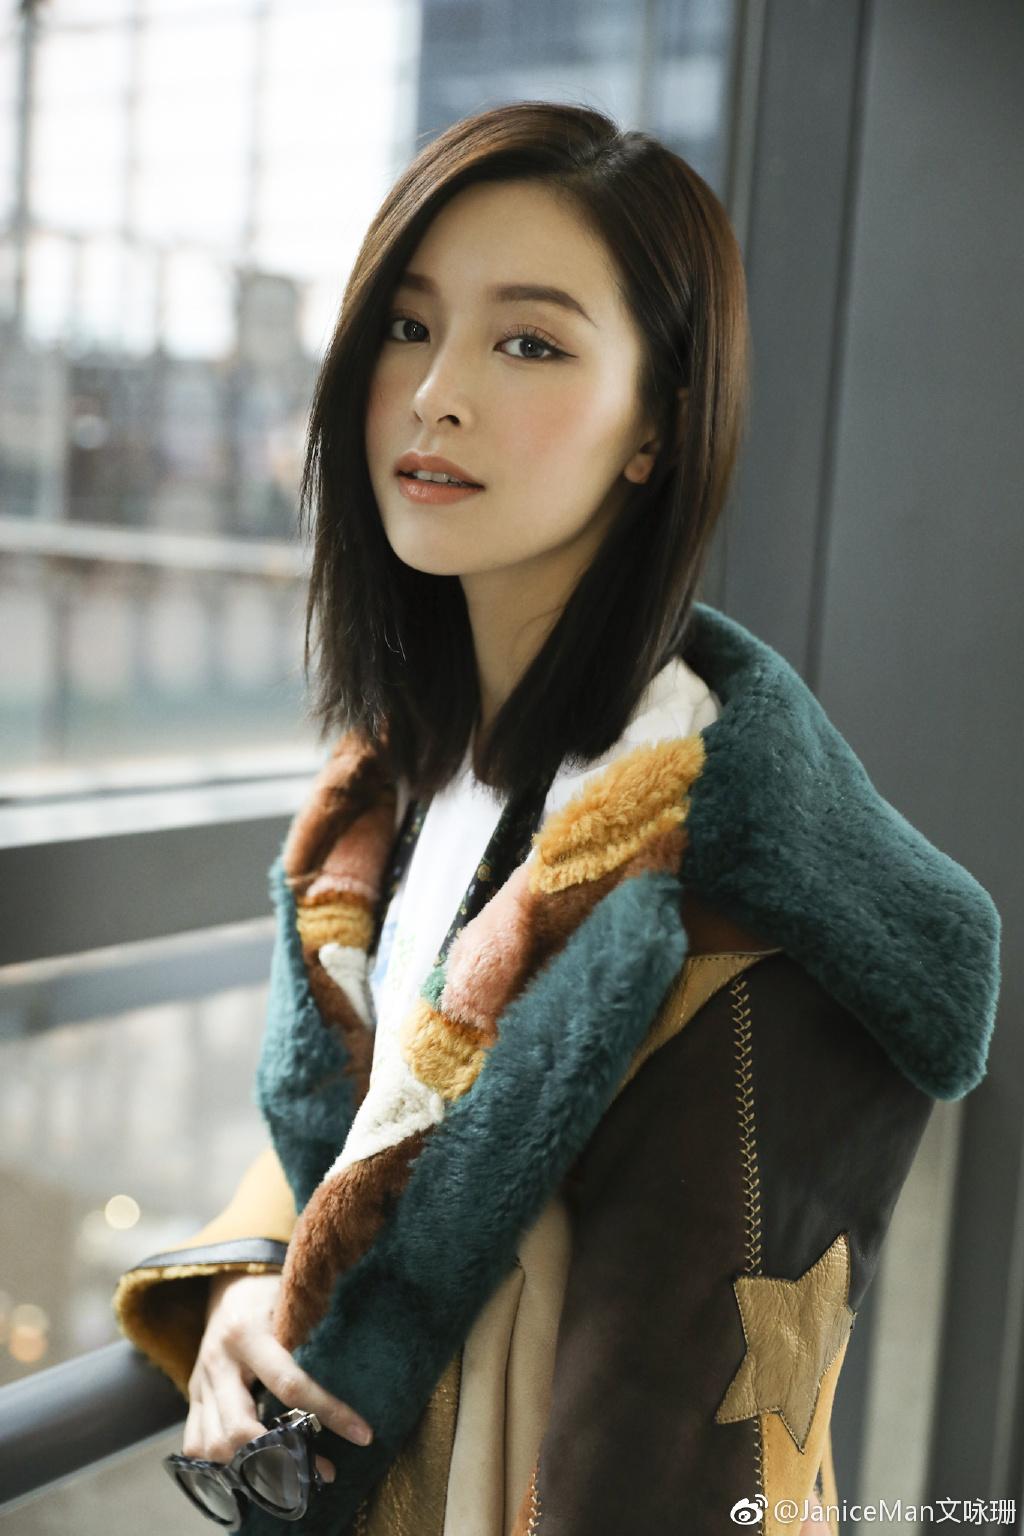 Dung nhan cô gái từng khiến Tạ Đình Phong trúng tiếng sét ái tình, Trần Quán Hy tình nguyện cai thuốc - Ảnh 1